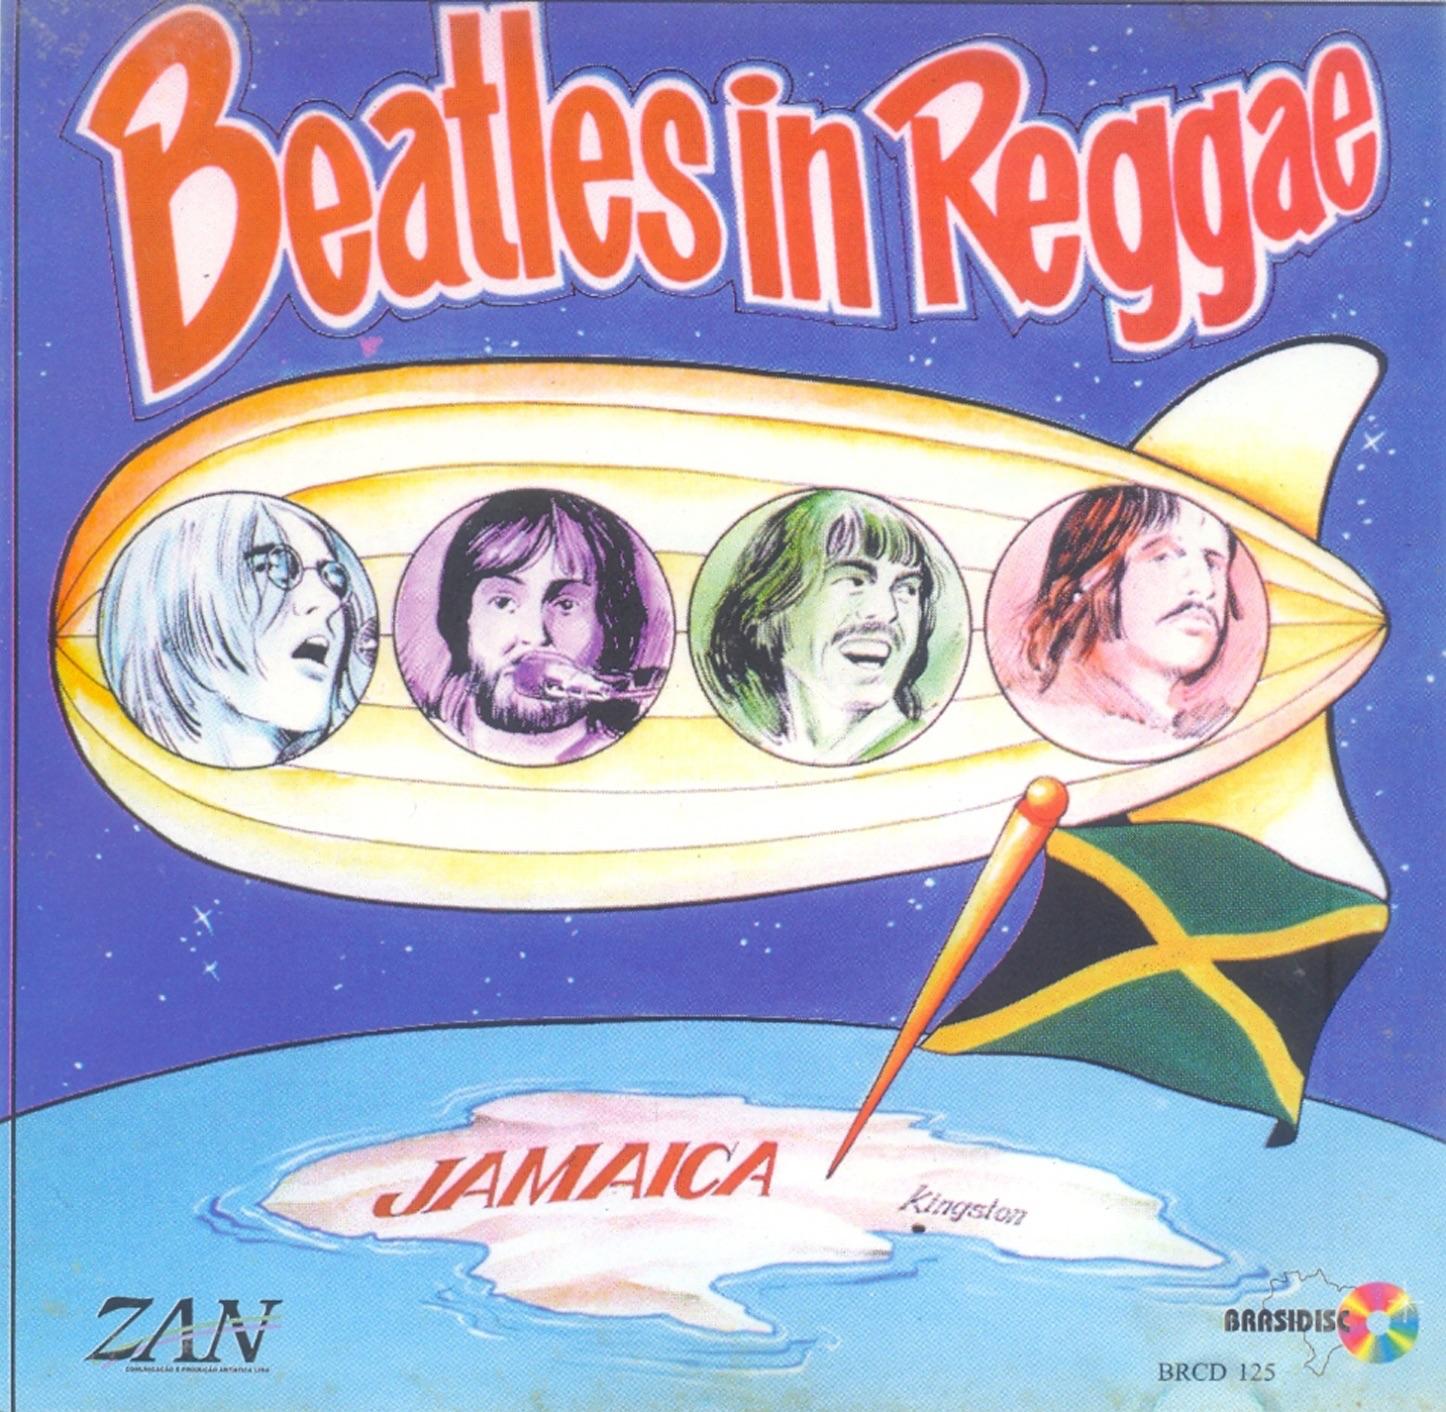 Beatles in Reggae